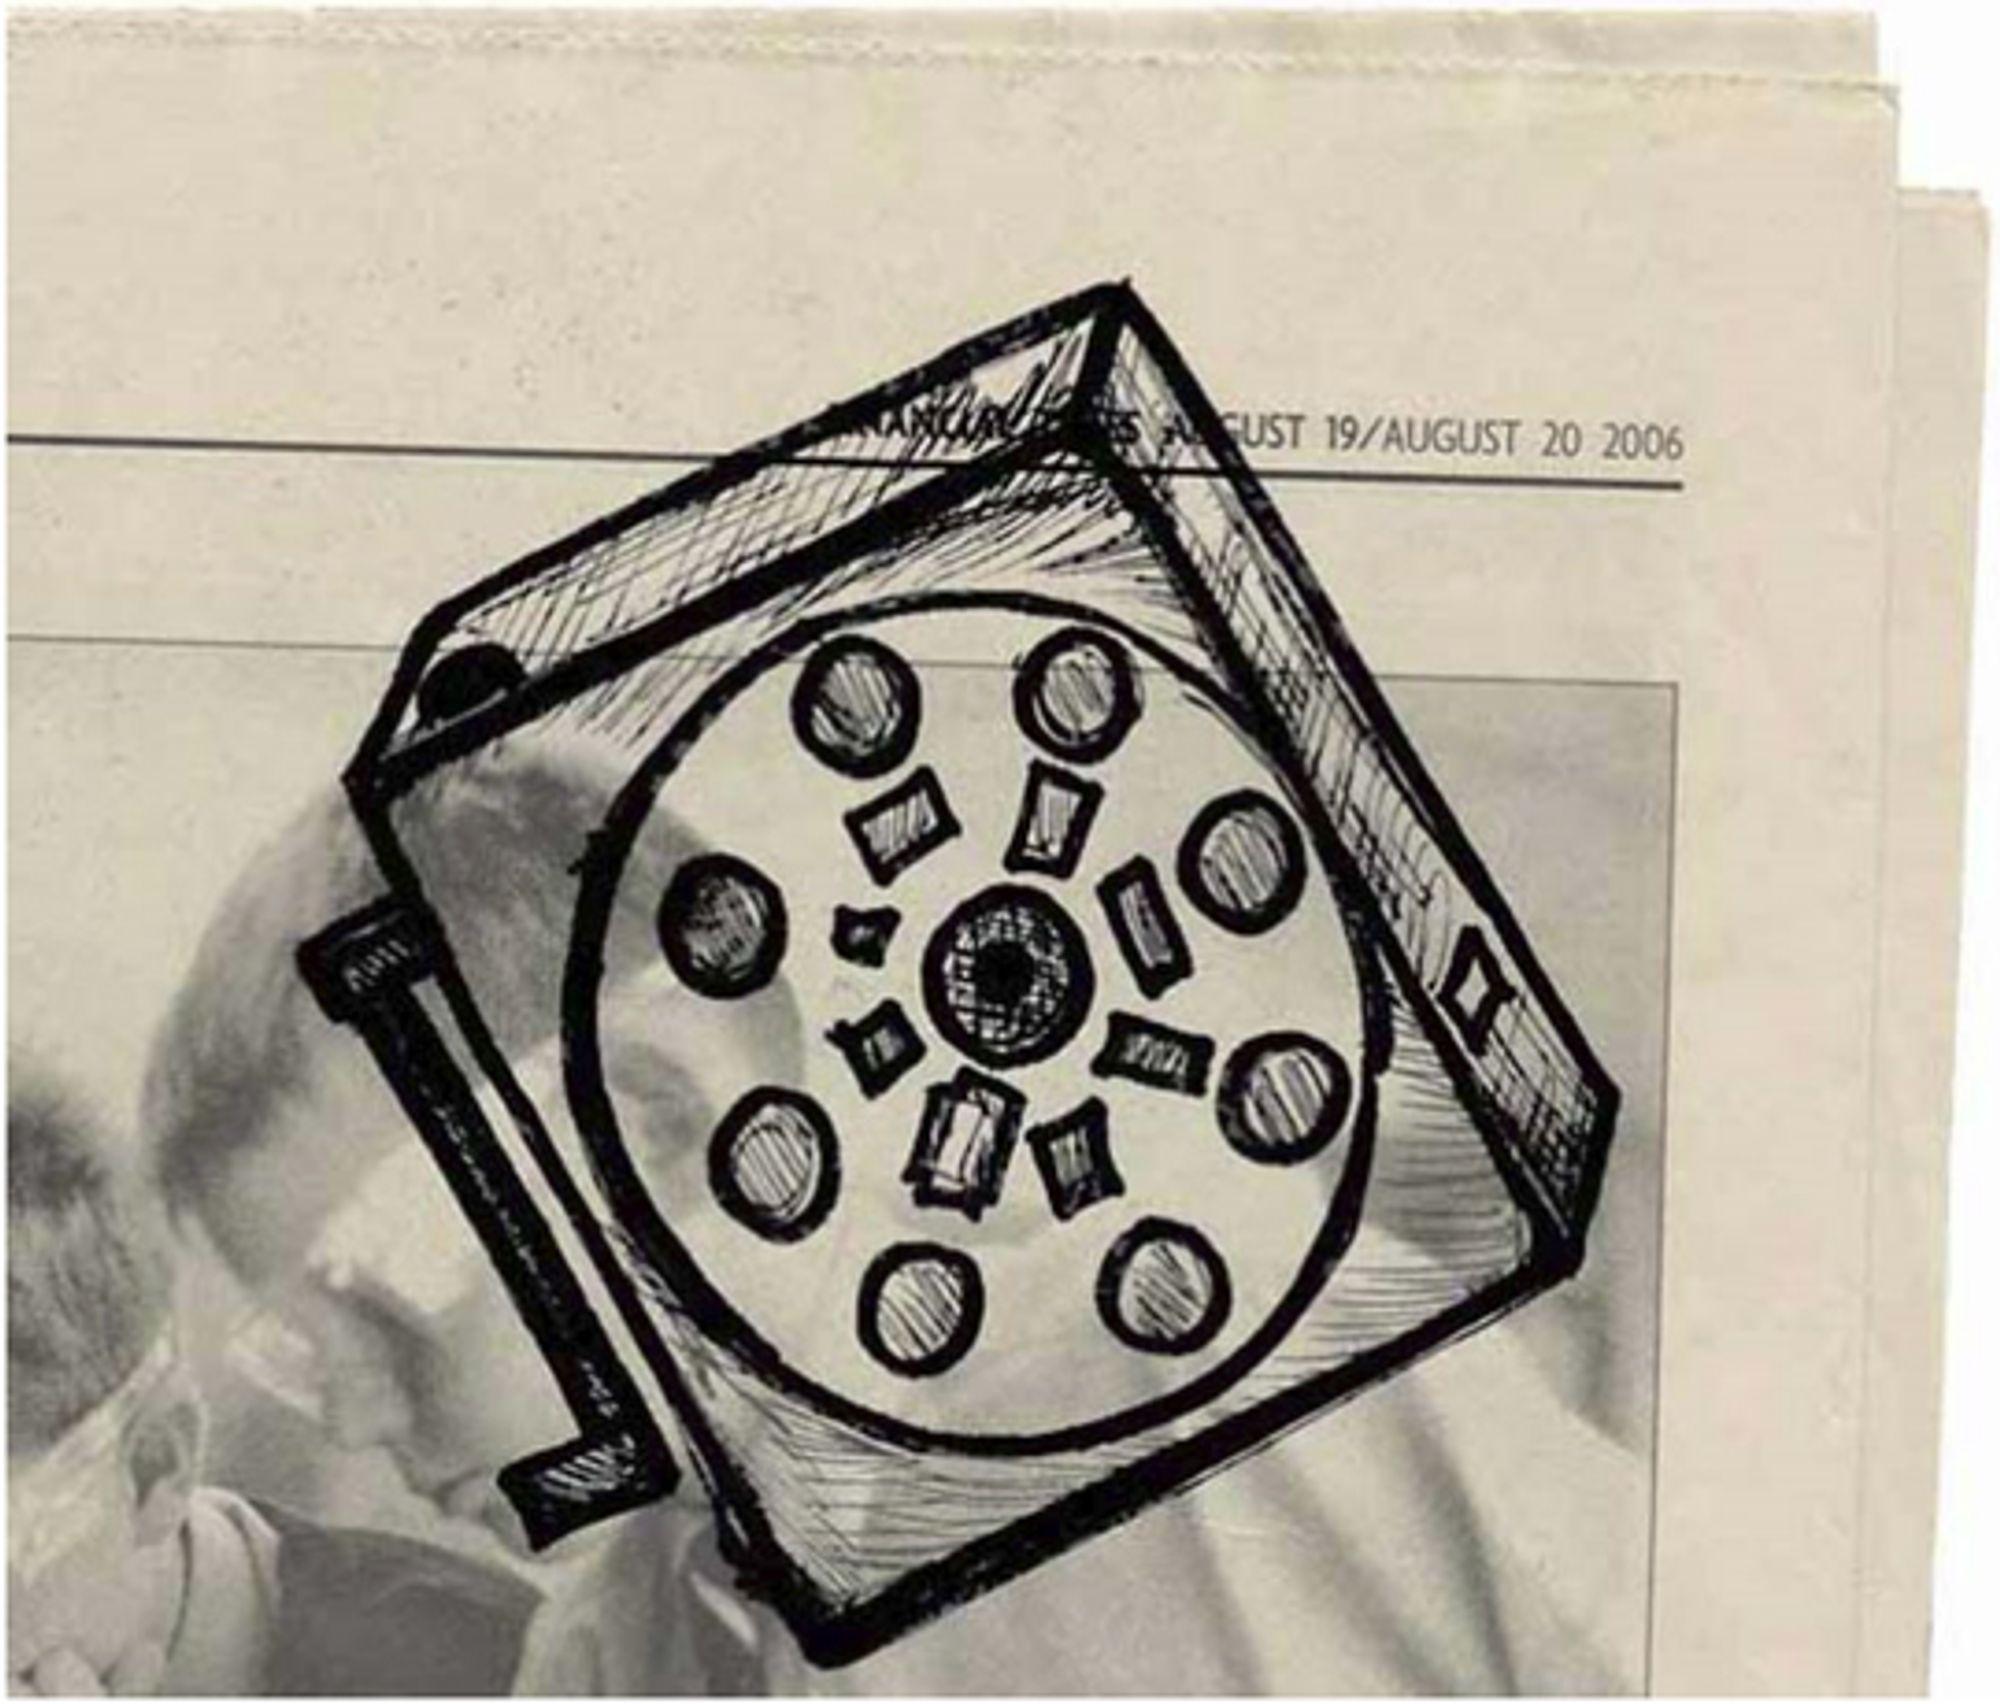 Første skisse av Bigshot-idéen